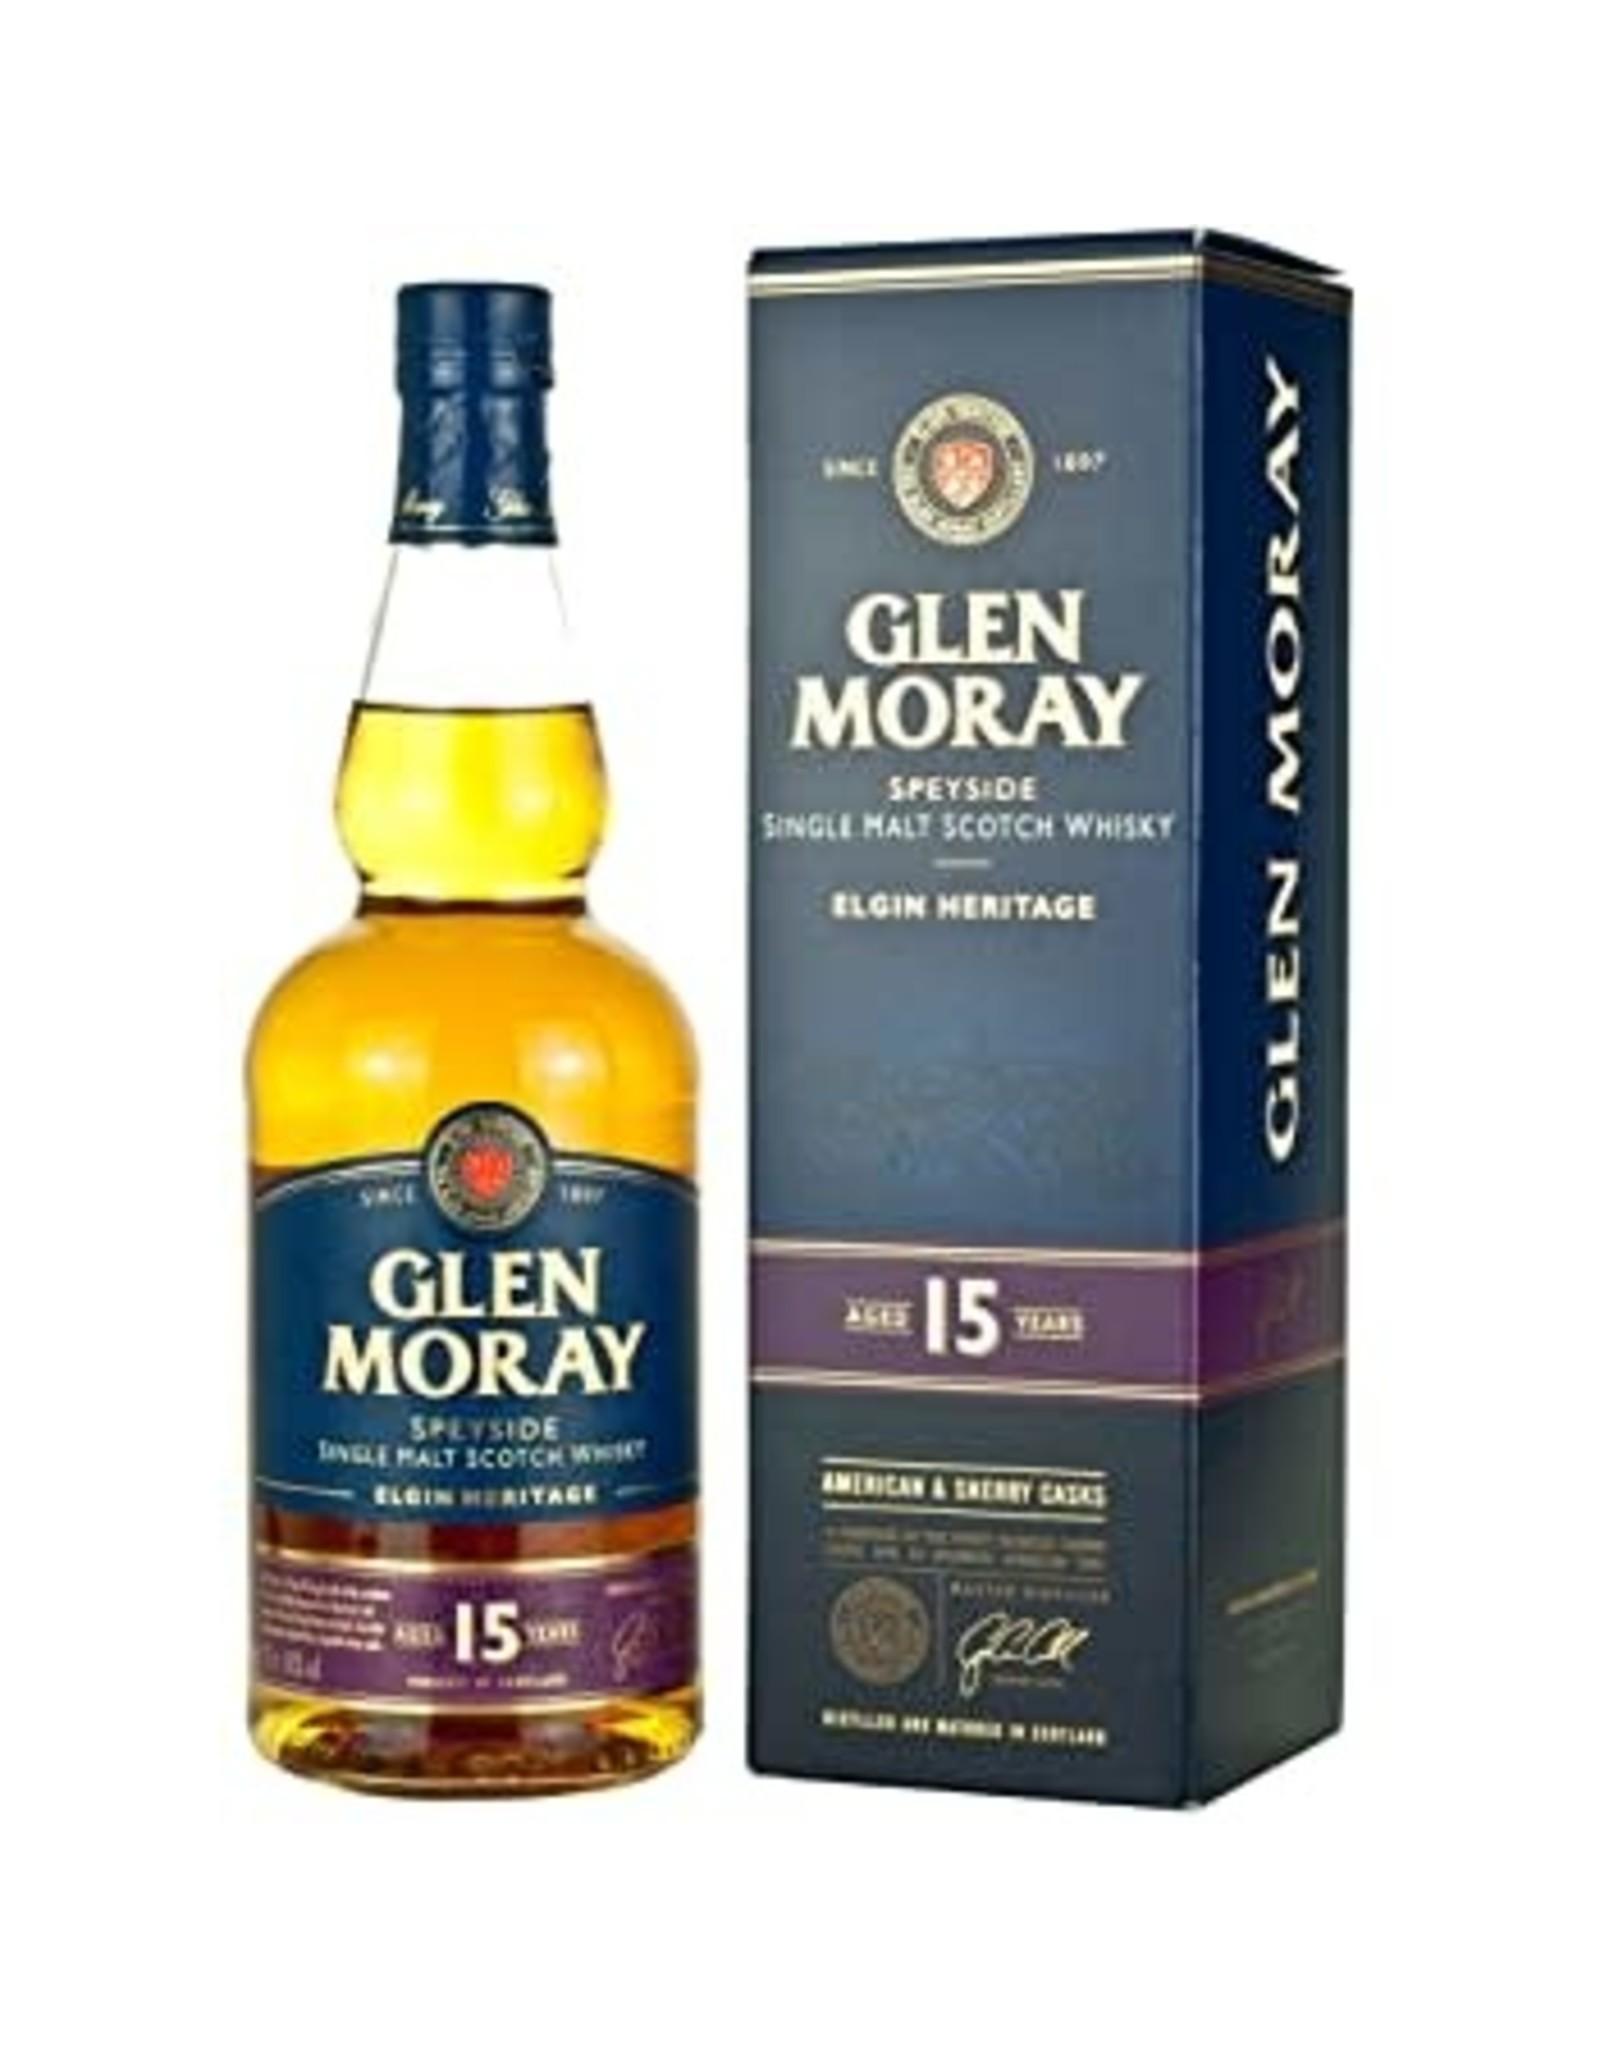 GLEN MORAY 15YR SCOTCH